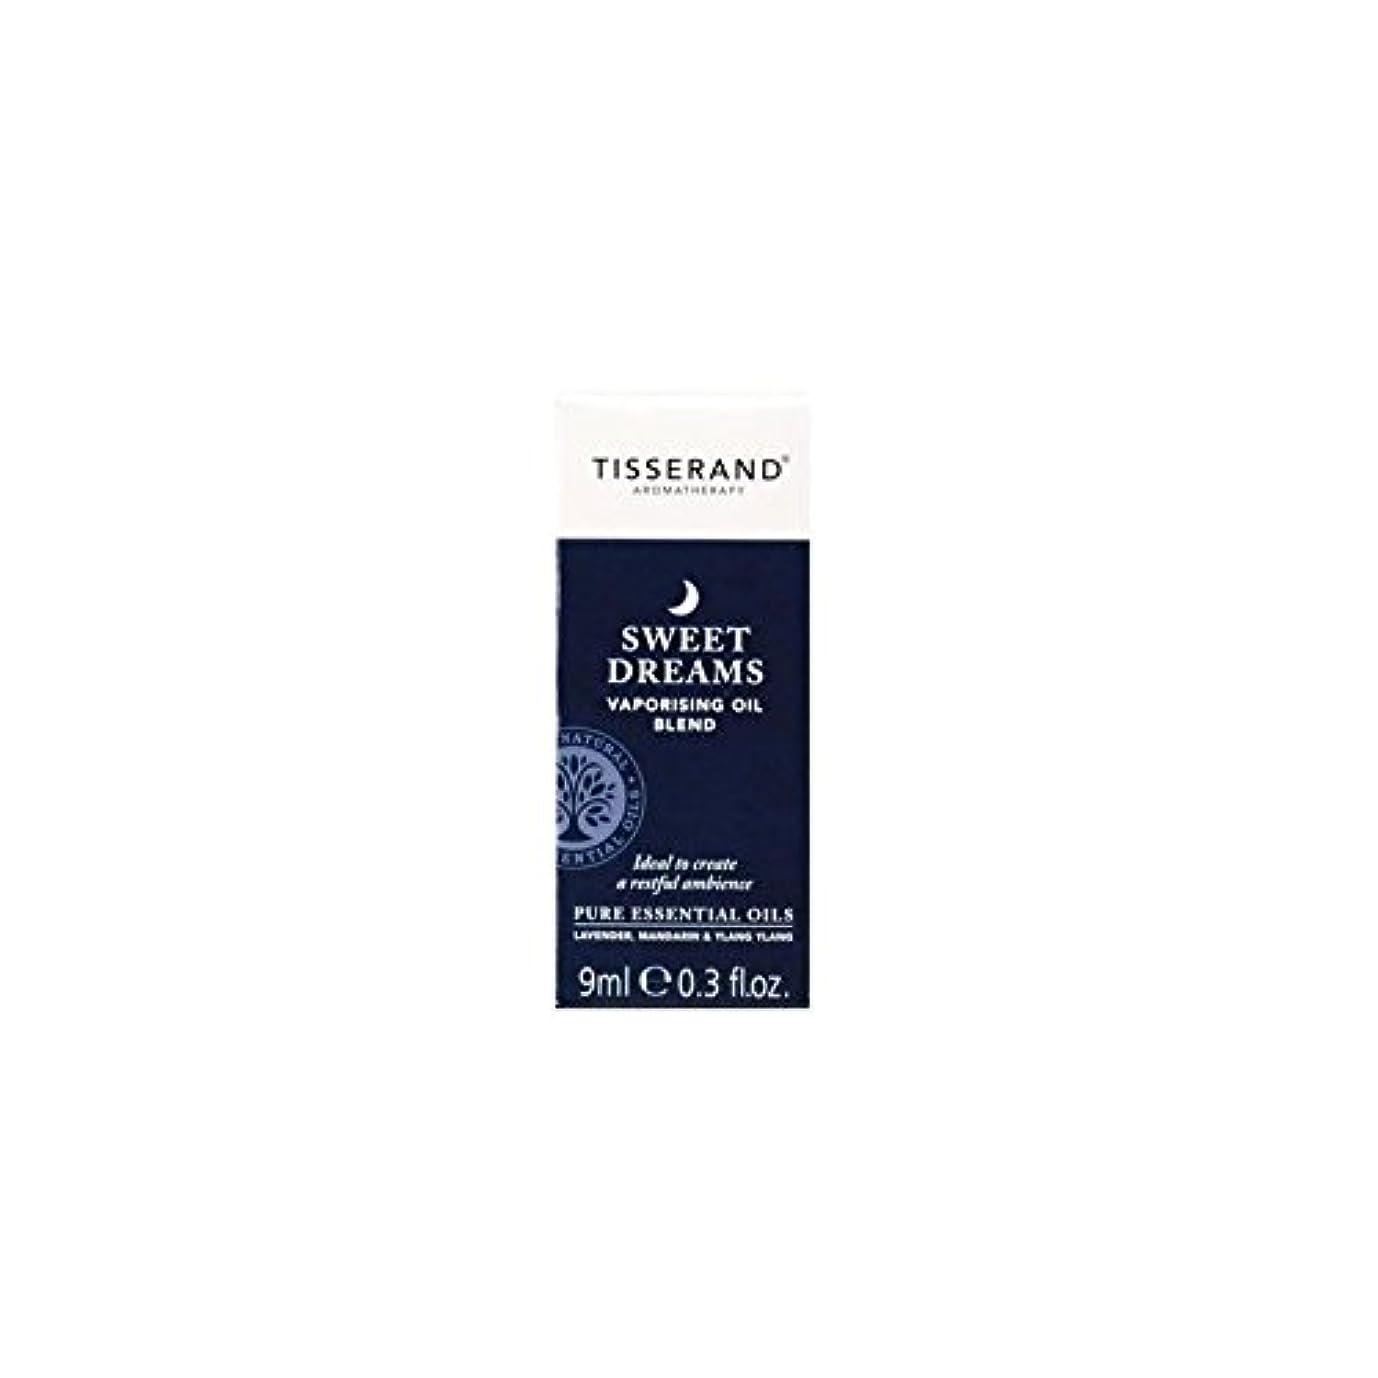 立法去る民主党オイル9ミリリットルを気化甘い夢 (Tisserand) (x 4) - Tisserand Sweet Dreams Vaporising Oil 9ml (Pack of 4) [並行輸入品]